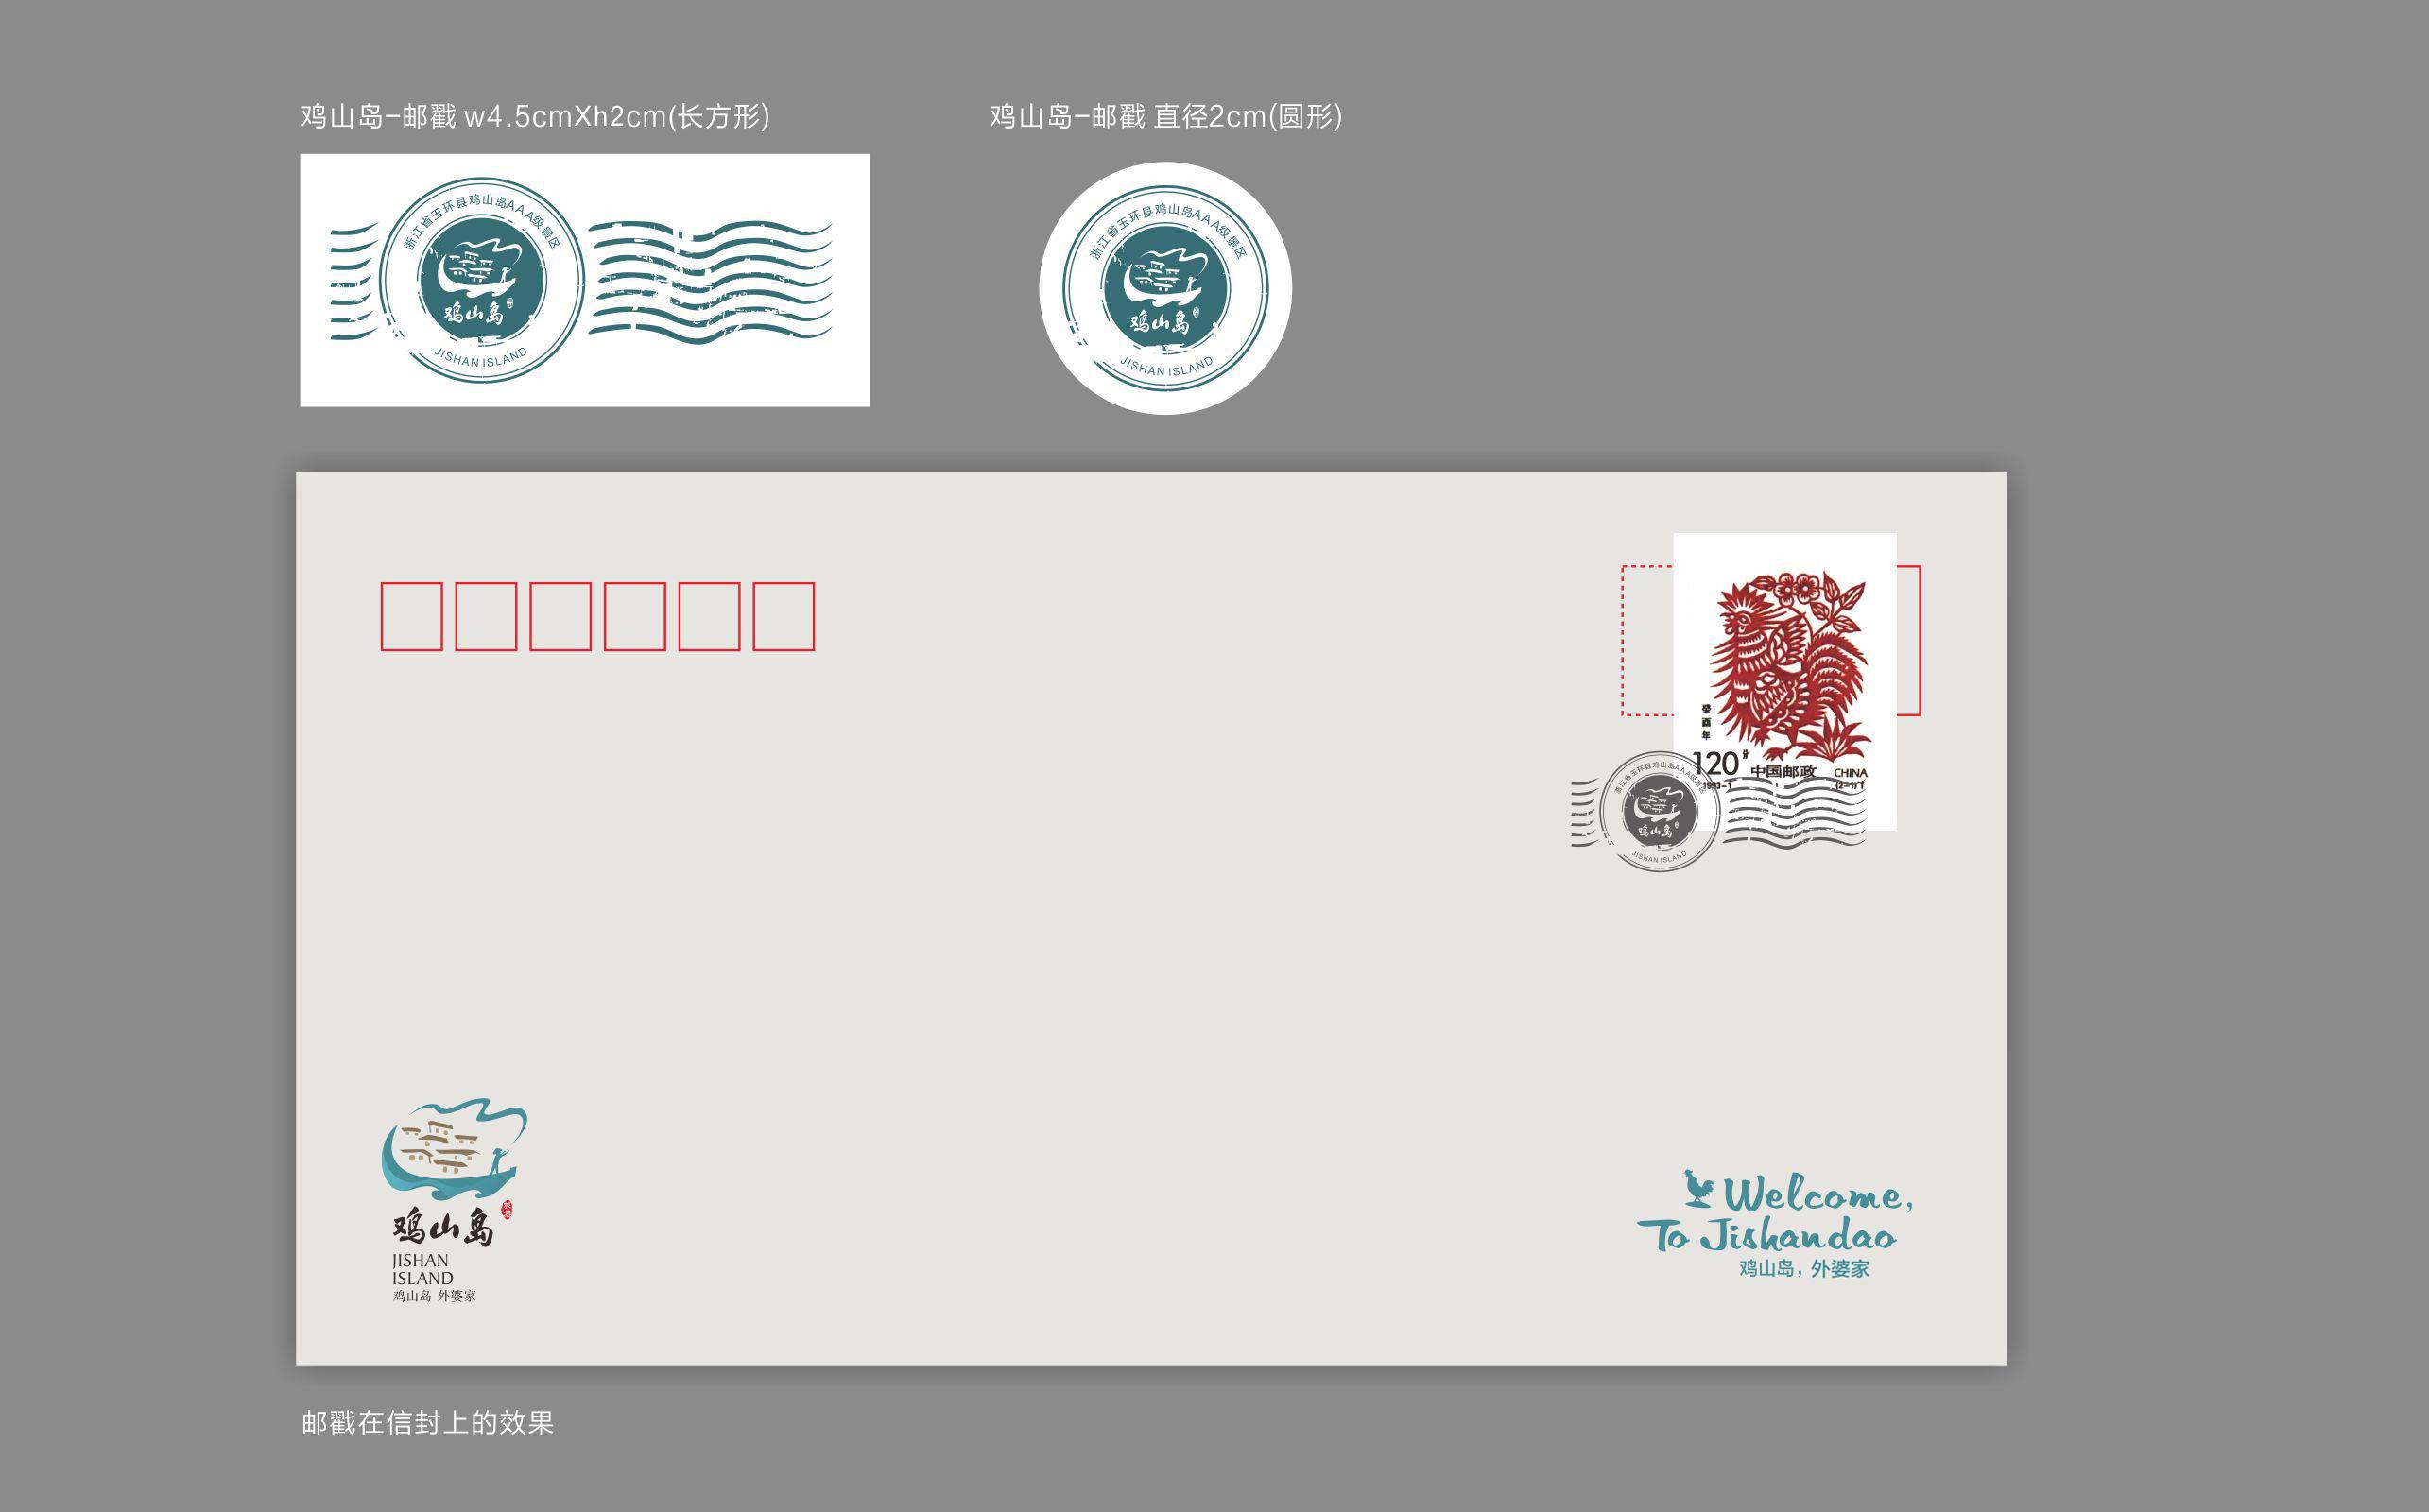 10邮戳-15.11.21